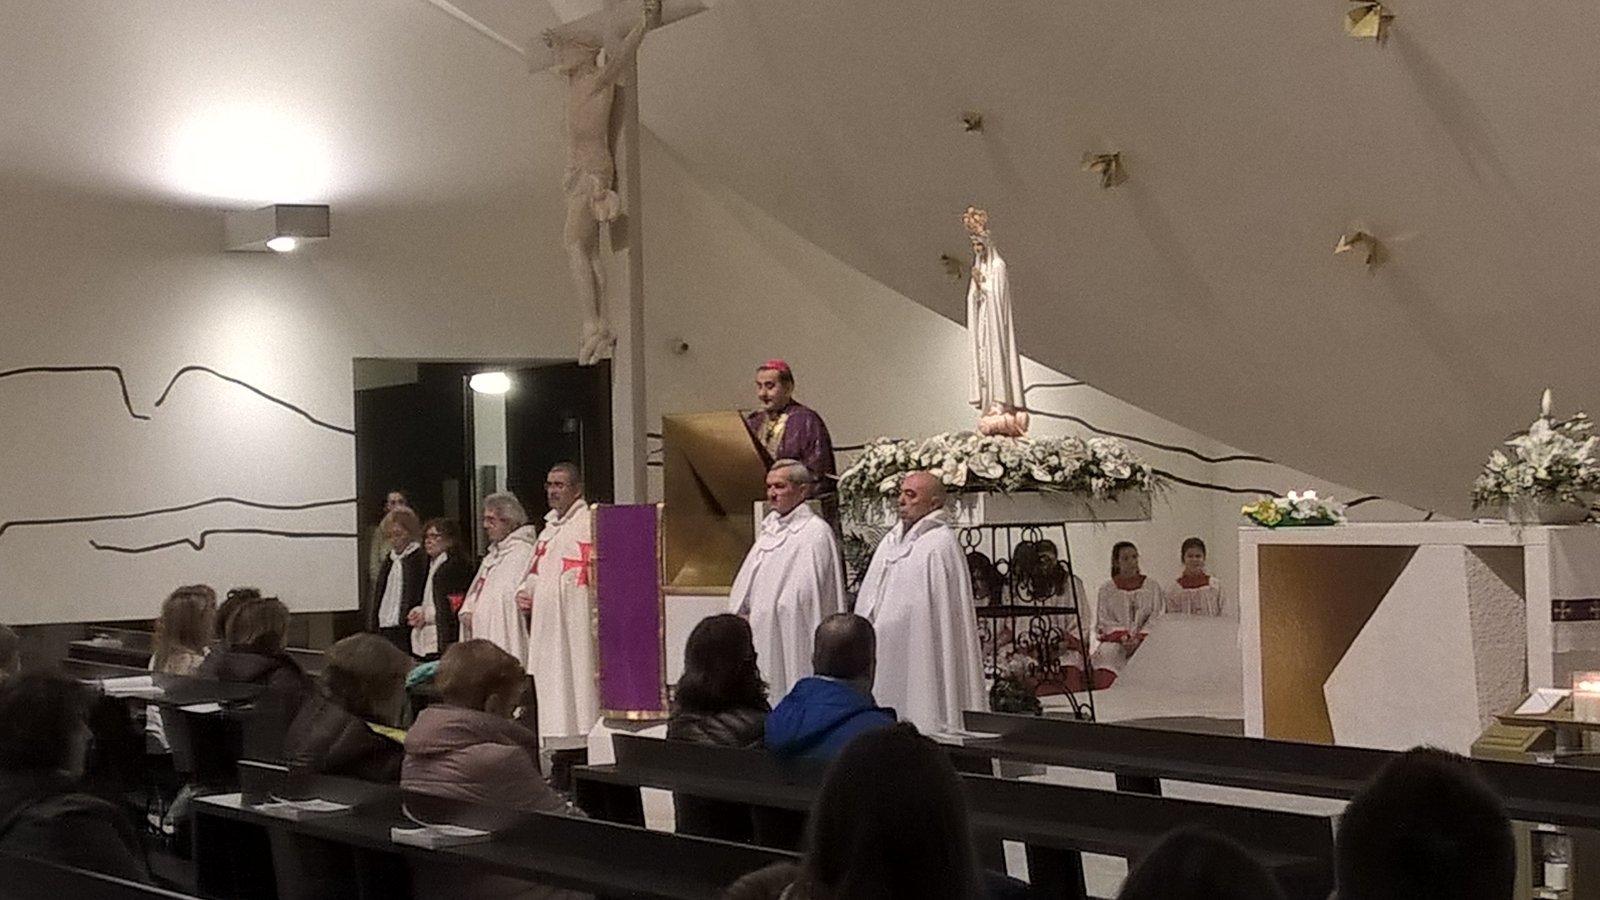 Nuestra Señora Peregrina de Fátima en Trezzano sul Naviglio con Mons. Mario Delpini.